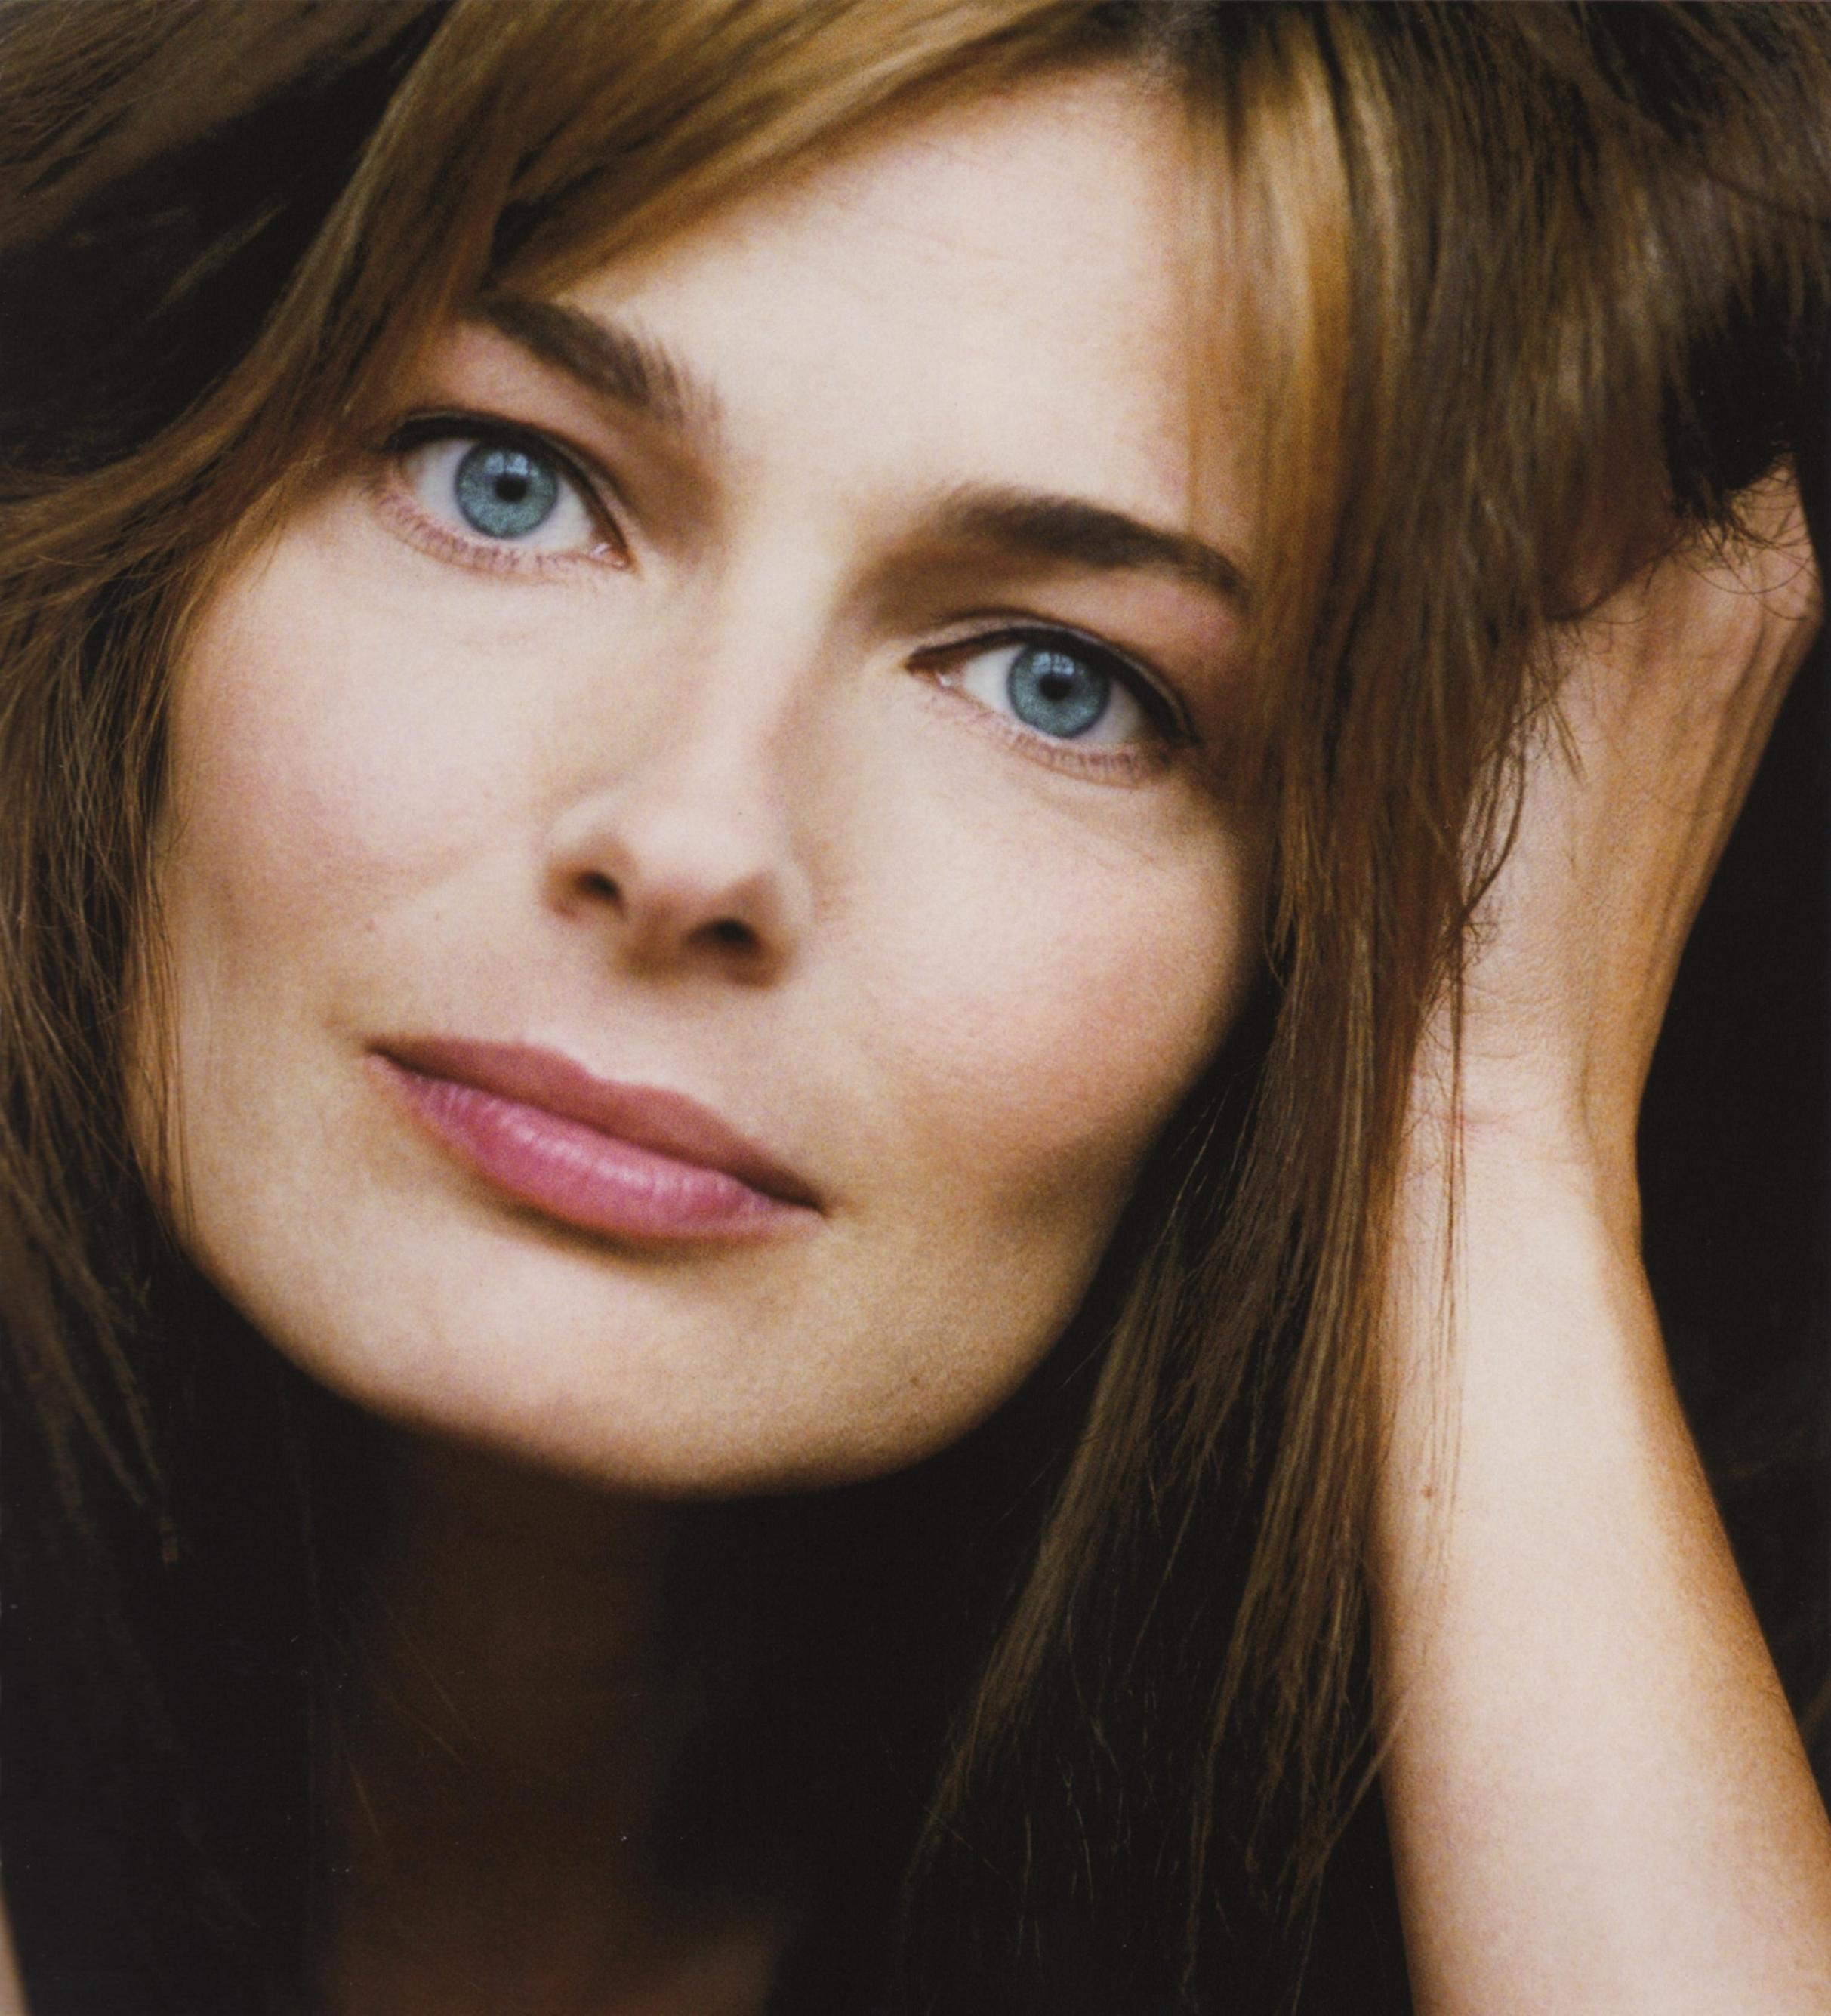 paulina porizkova 1980